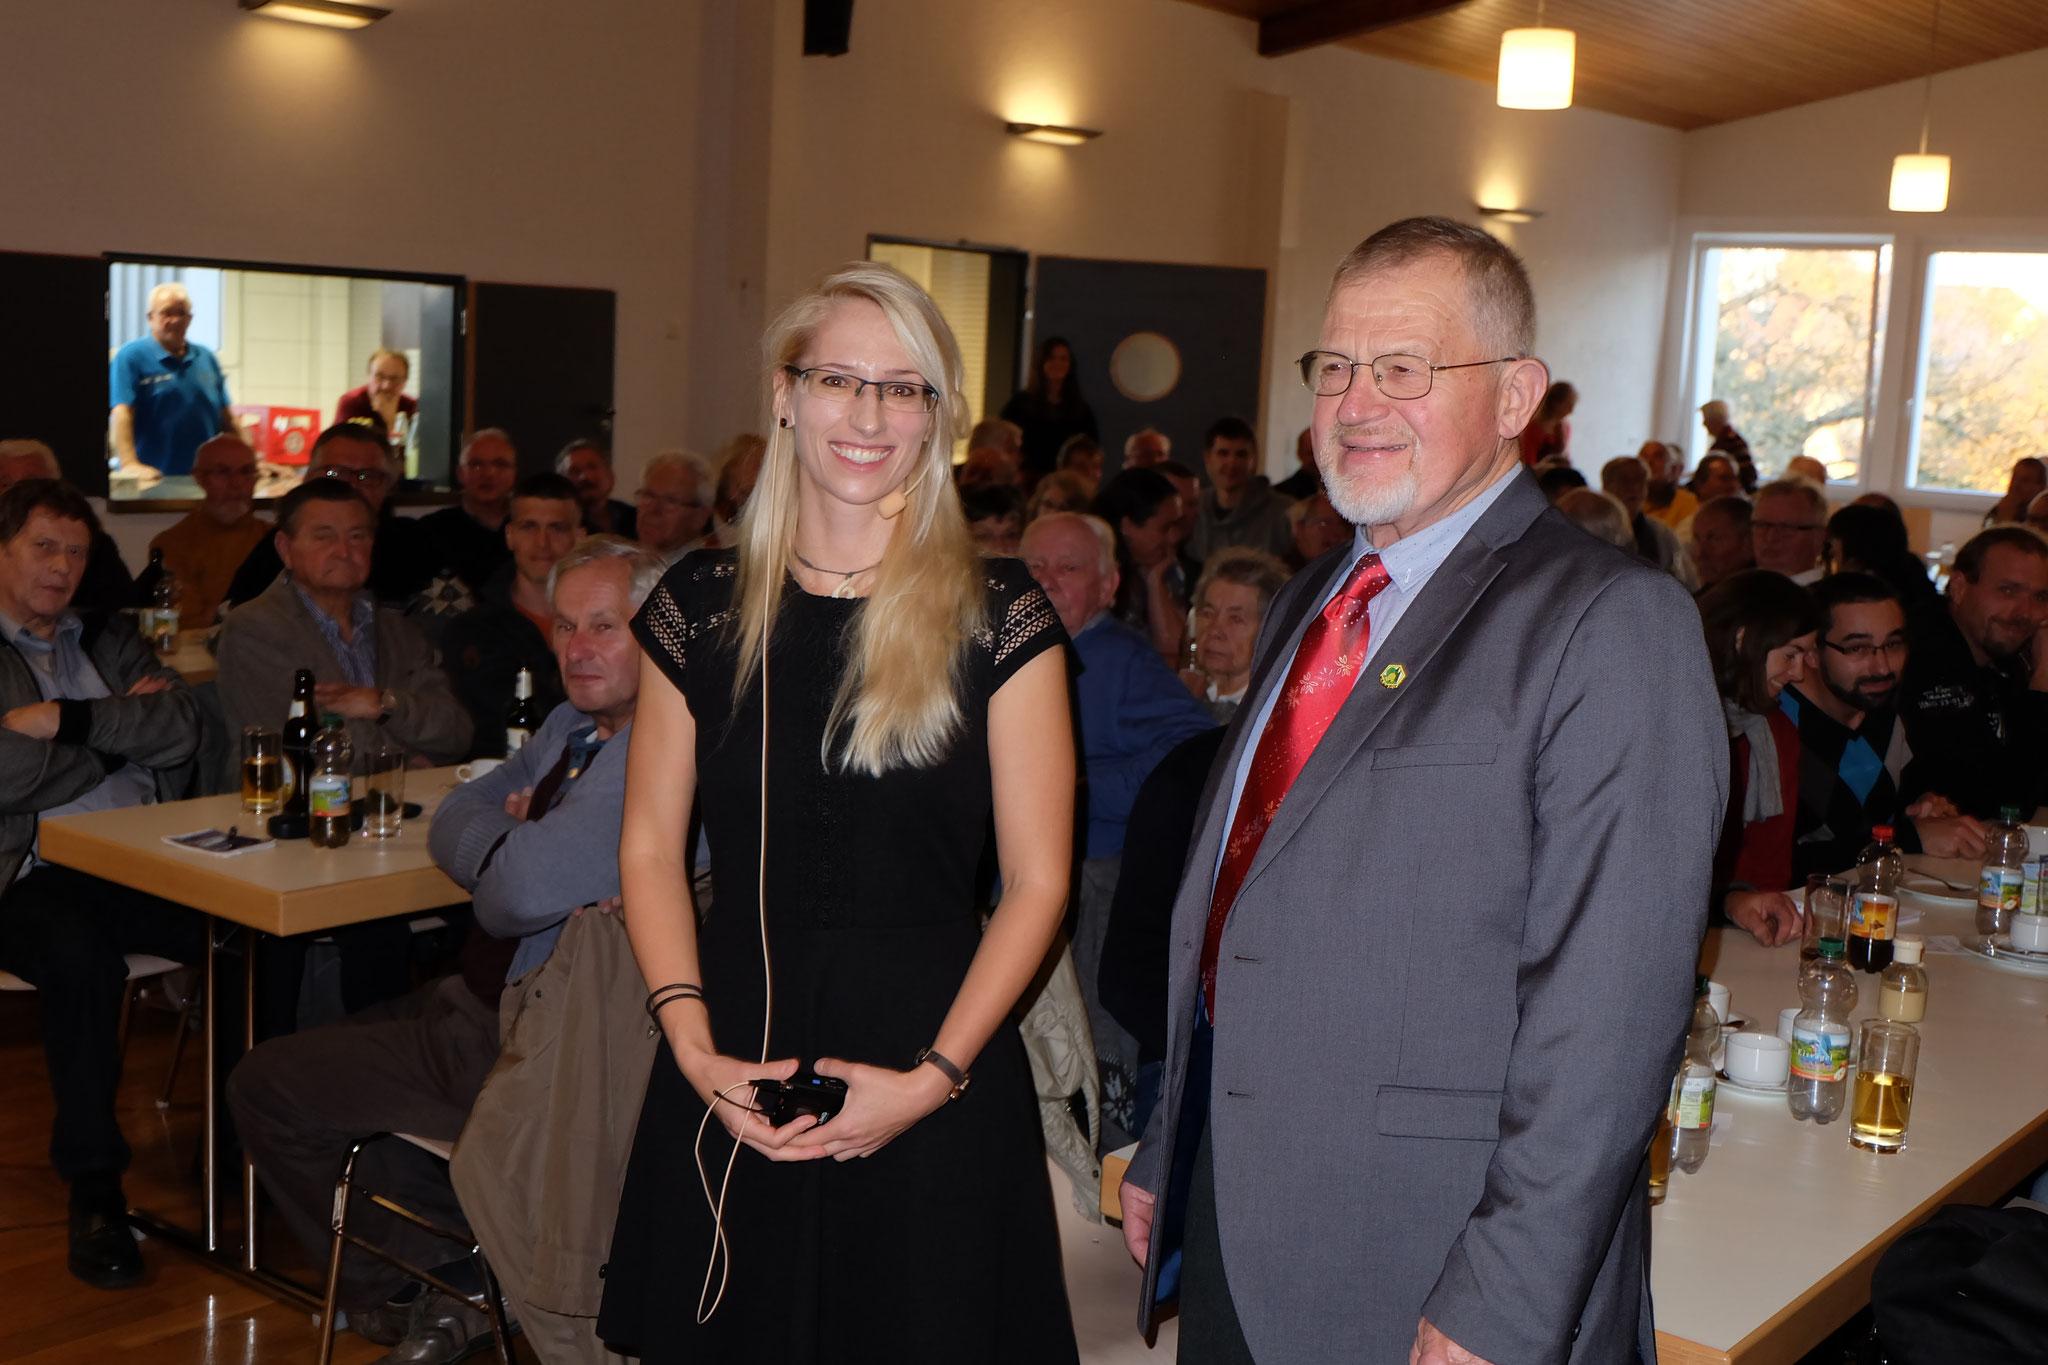 Referentin Frau Dr. Bettina Ziegelmann und Helmut Knäple